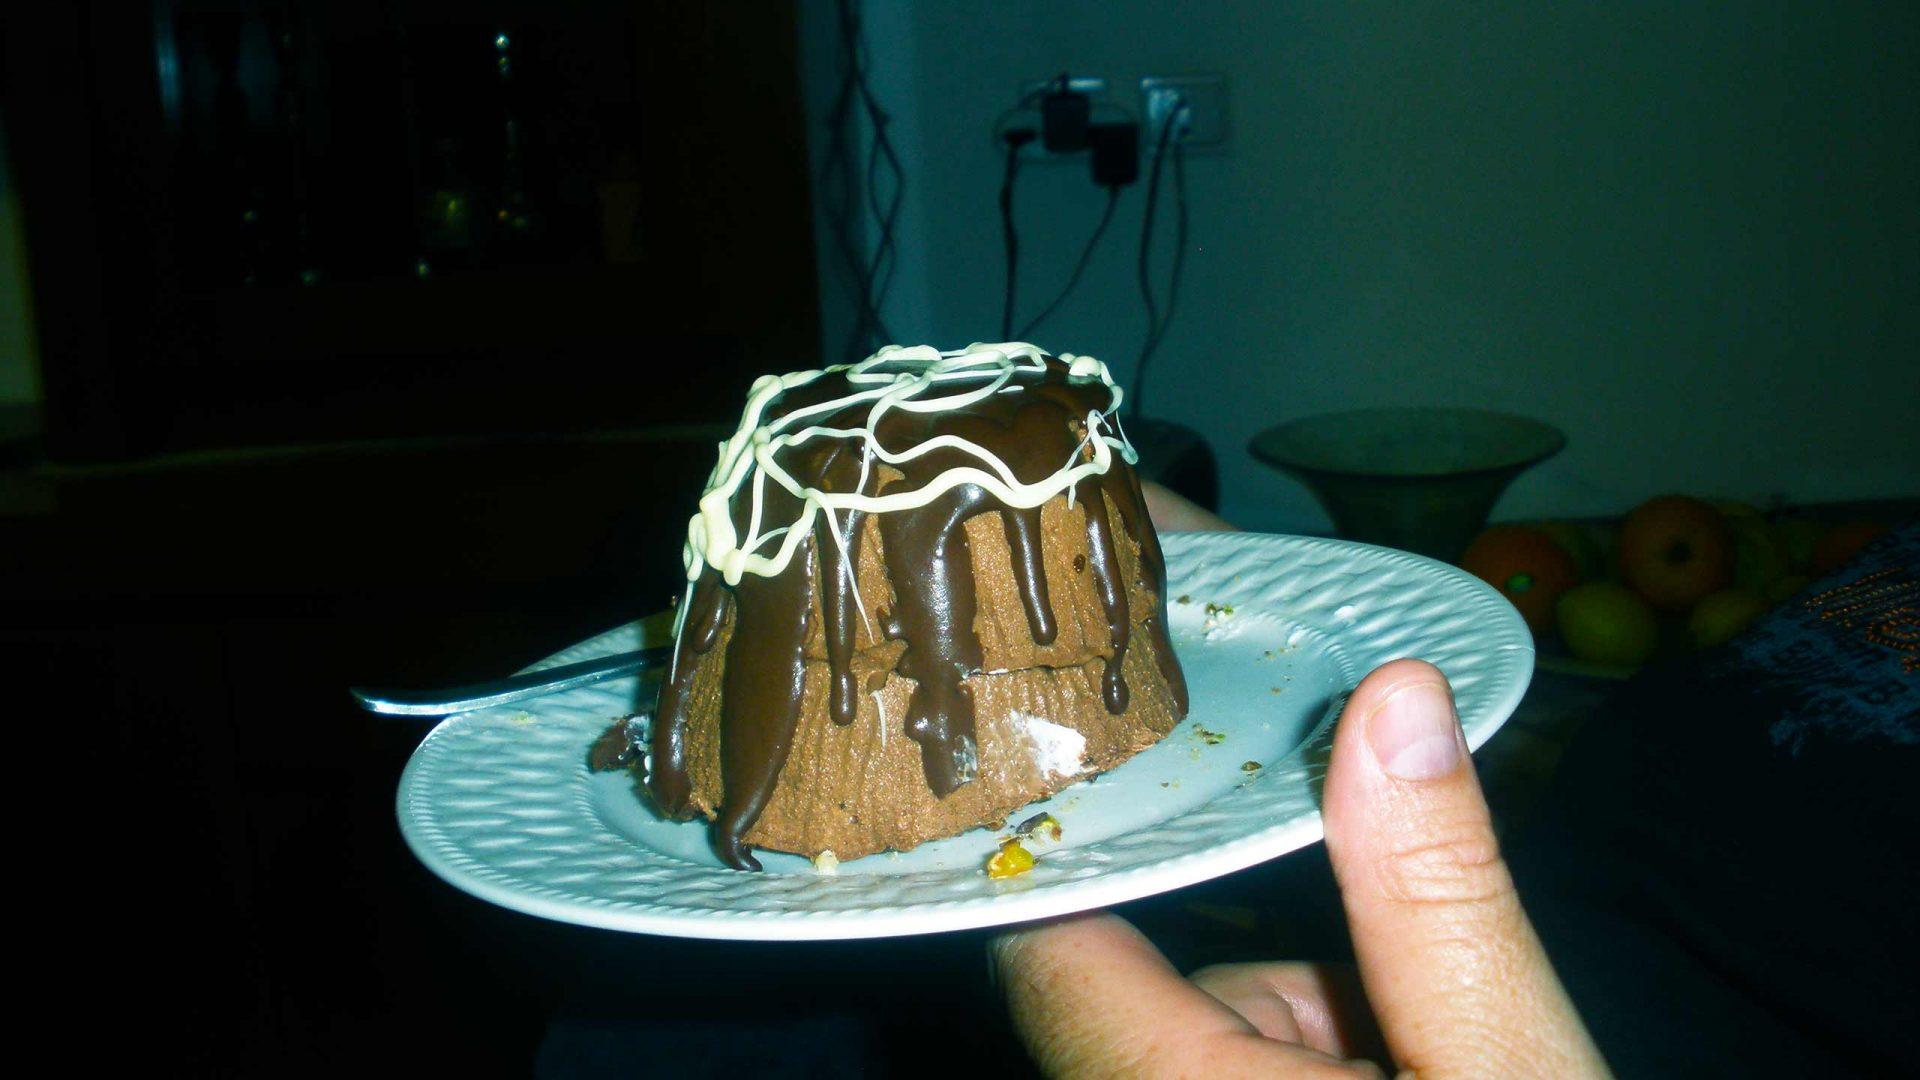 מוס שוקולד קטיפתי בכיפות אישיות